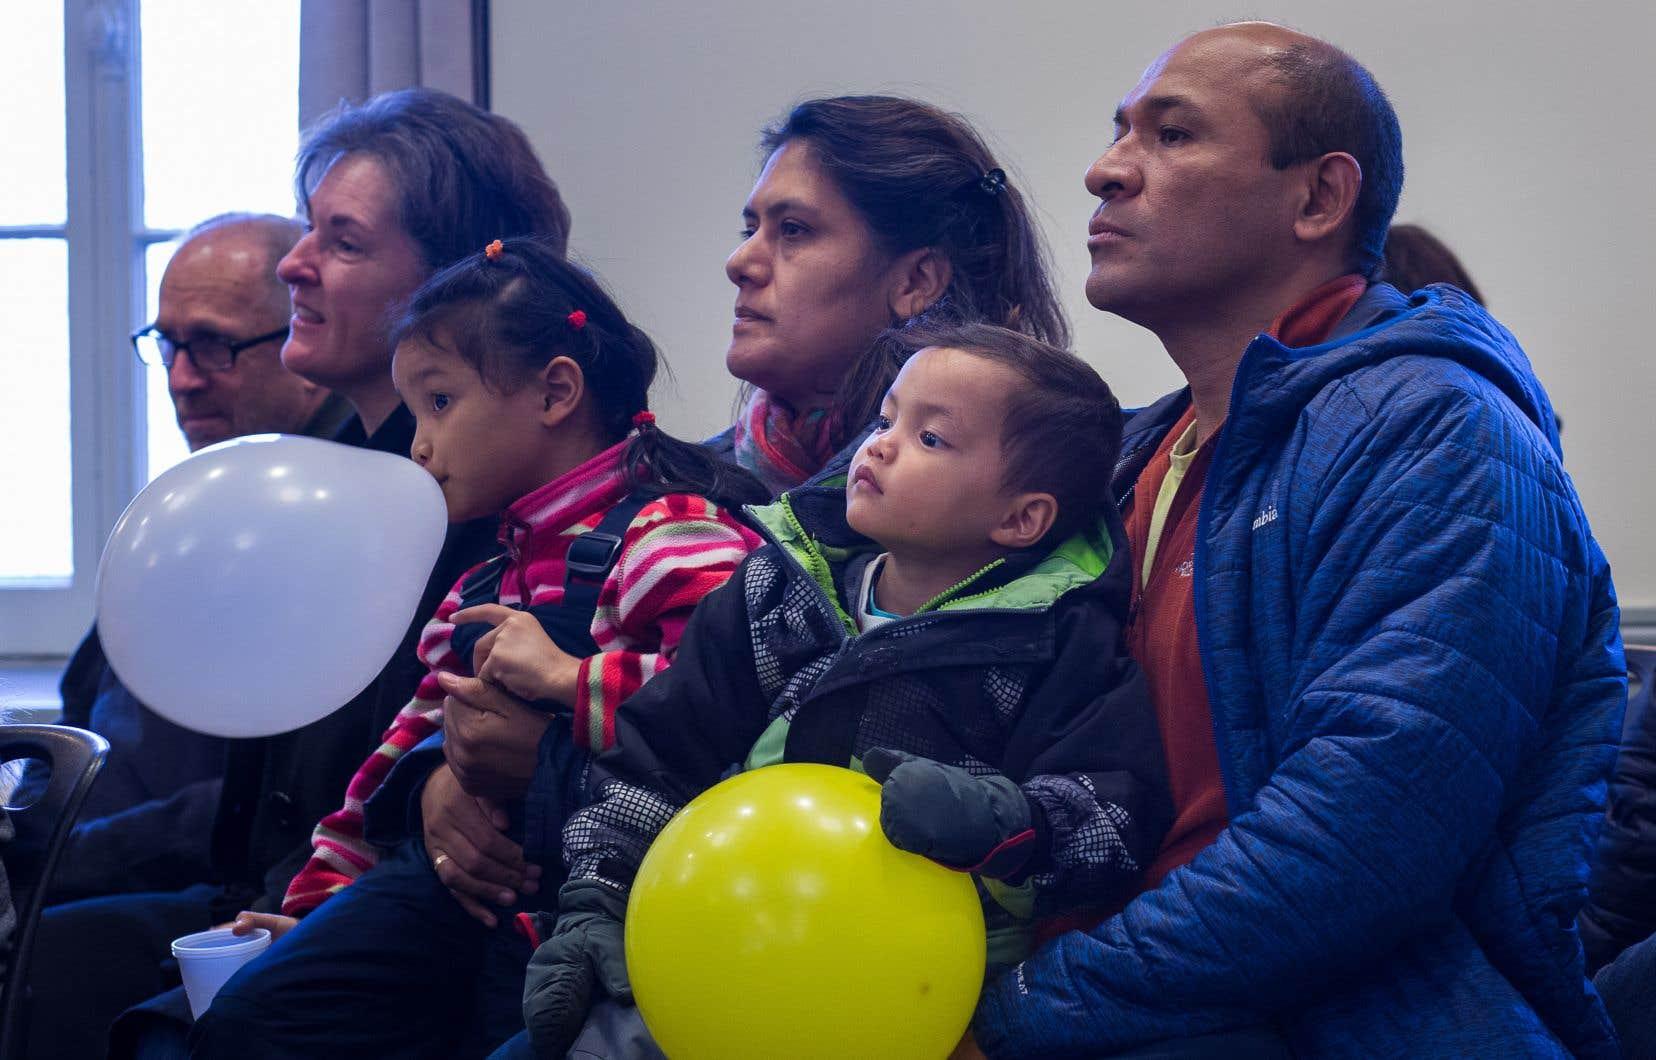 La famille Olano, dont les parents ont adopté deux enfants il y a un mois, assistait dimanche àune conference de presse concernant la reforme du Regime quebecois d'assurance parentale.